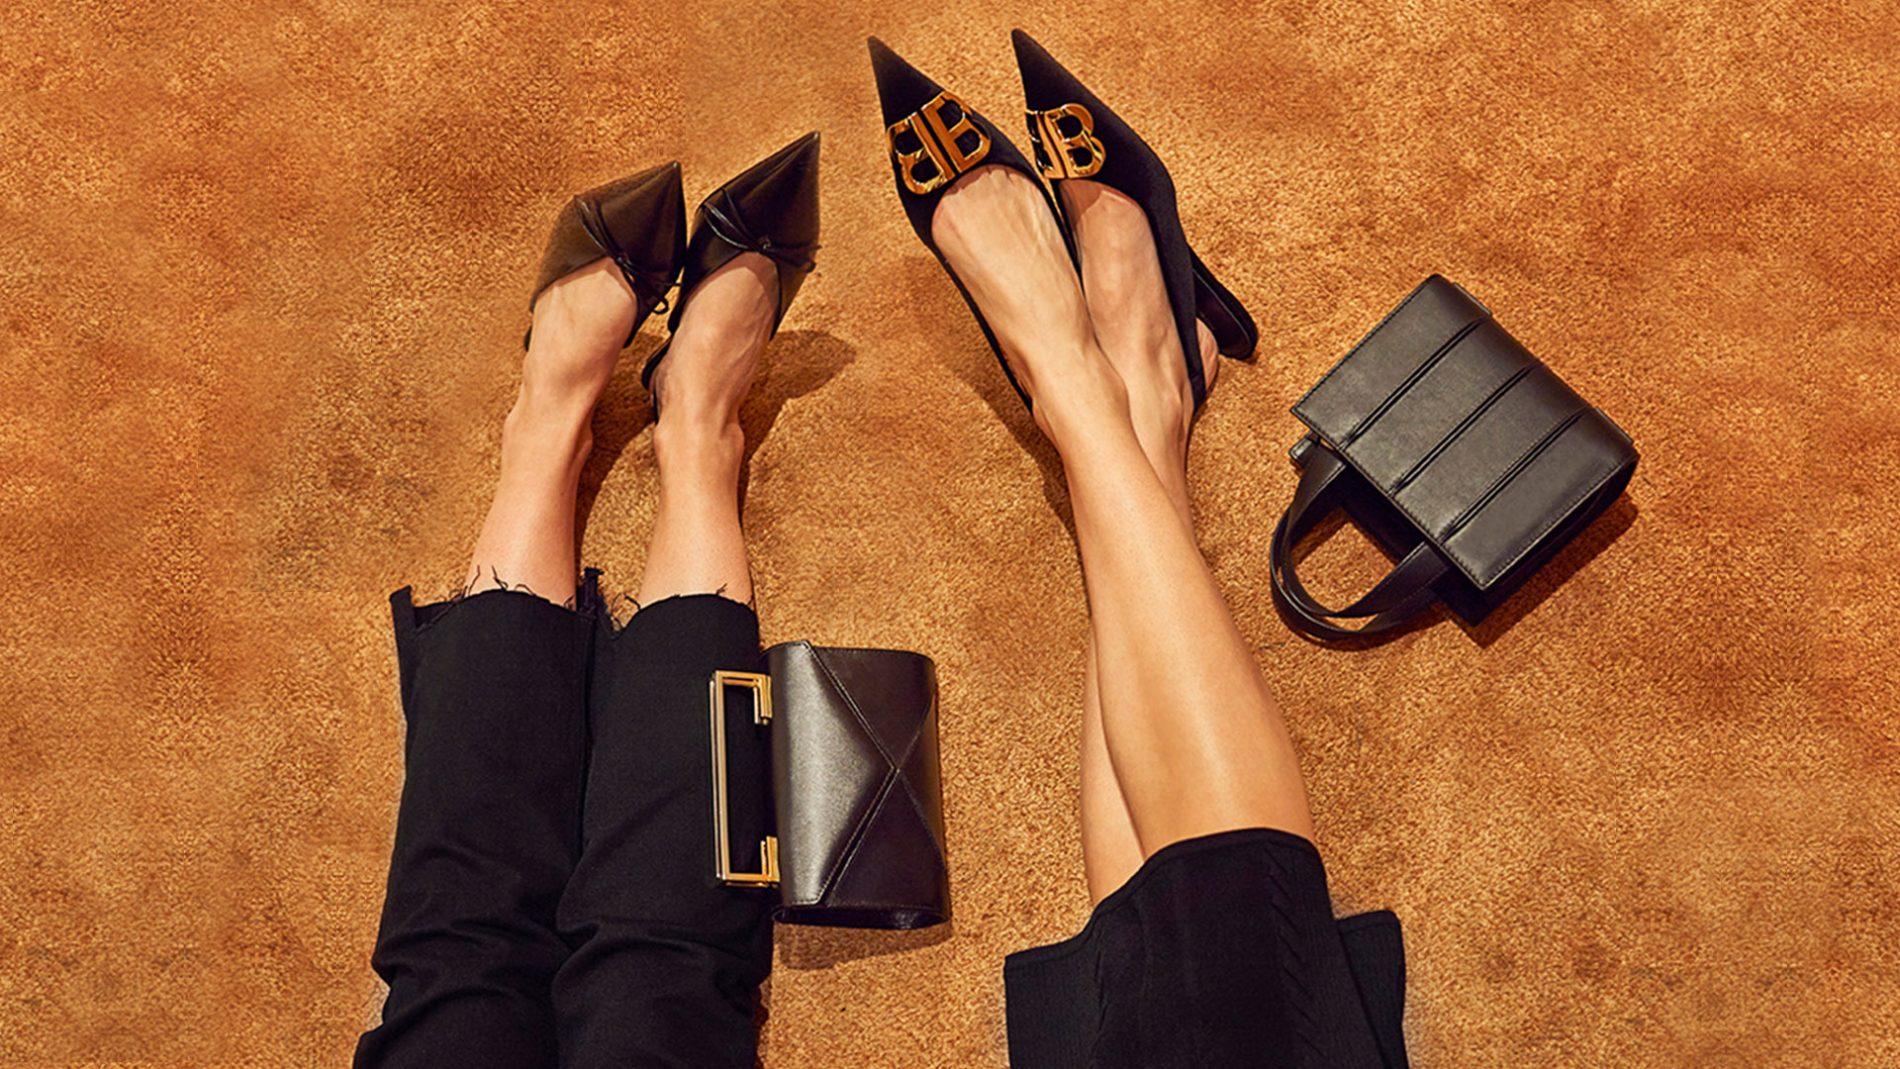 英格列斯设计师包袋,鞋履,Balenciaga、Rag&Bone、Max Mara,2018秋冬